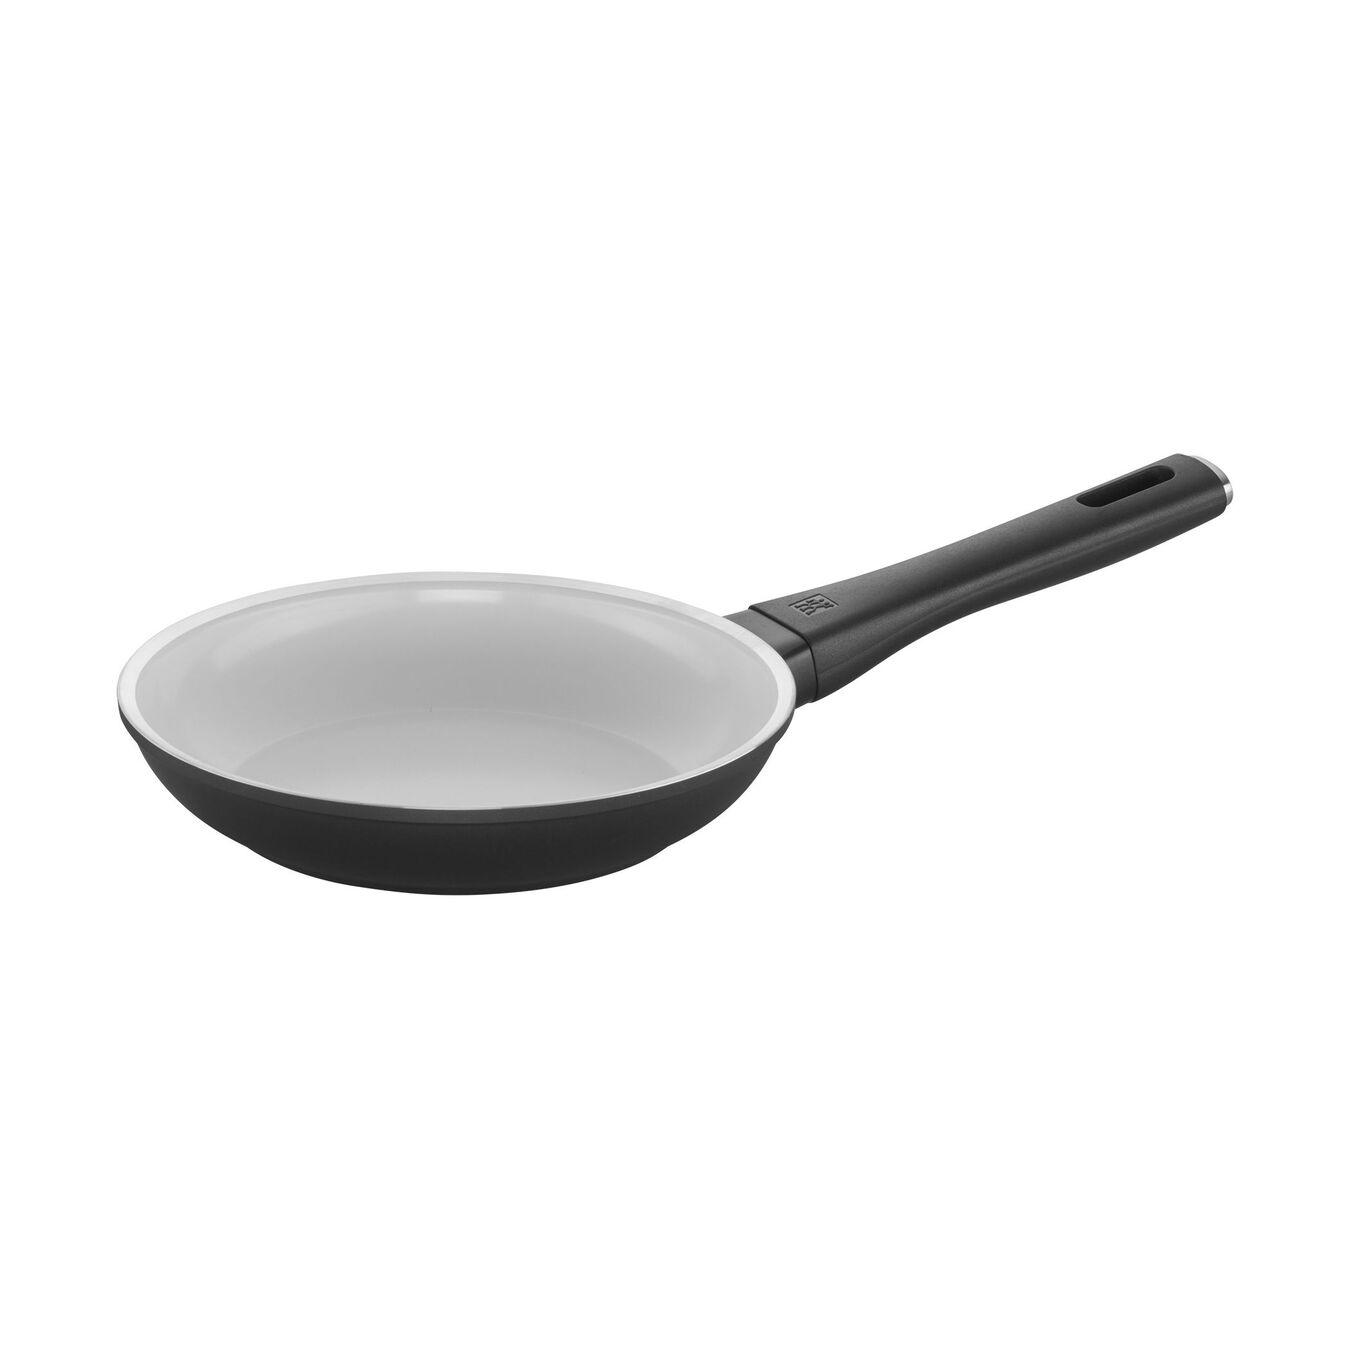 4-pc Fry Pan Set,,large 2